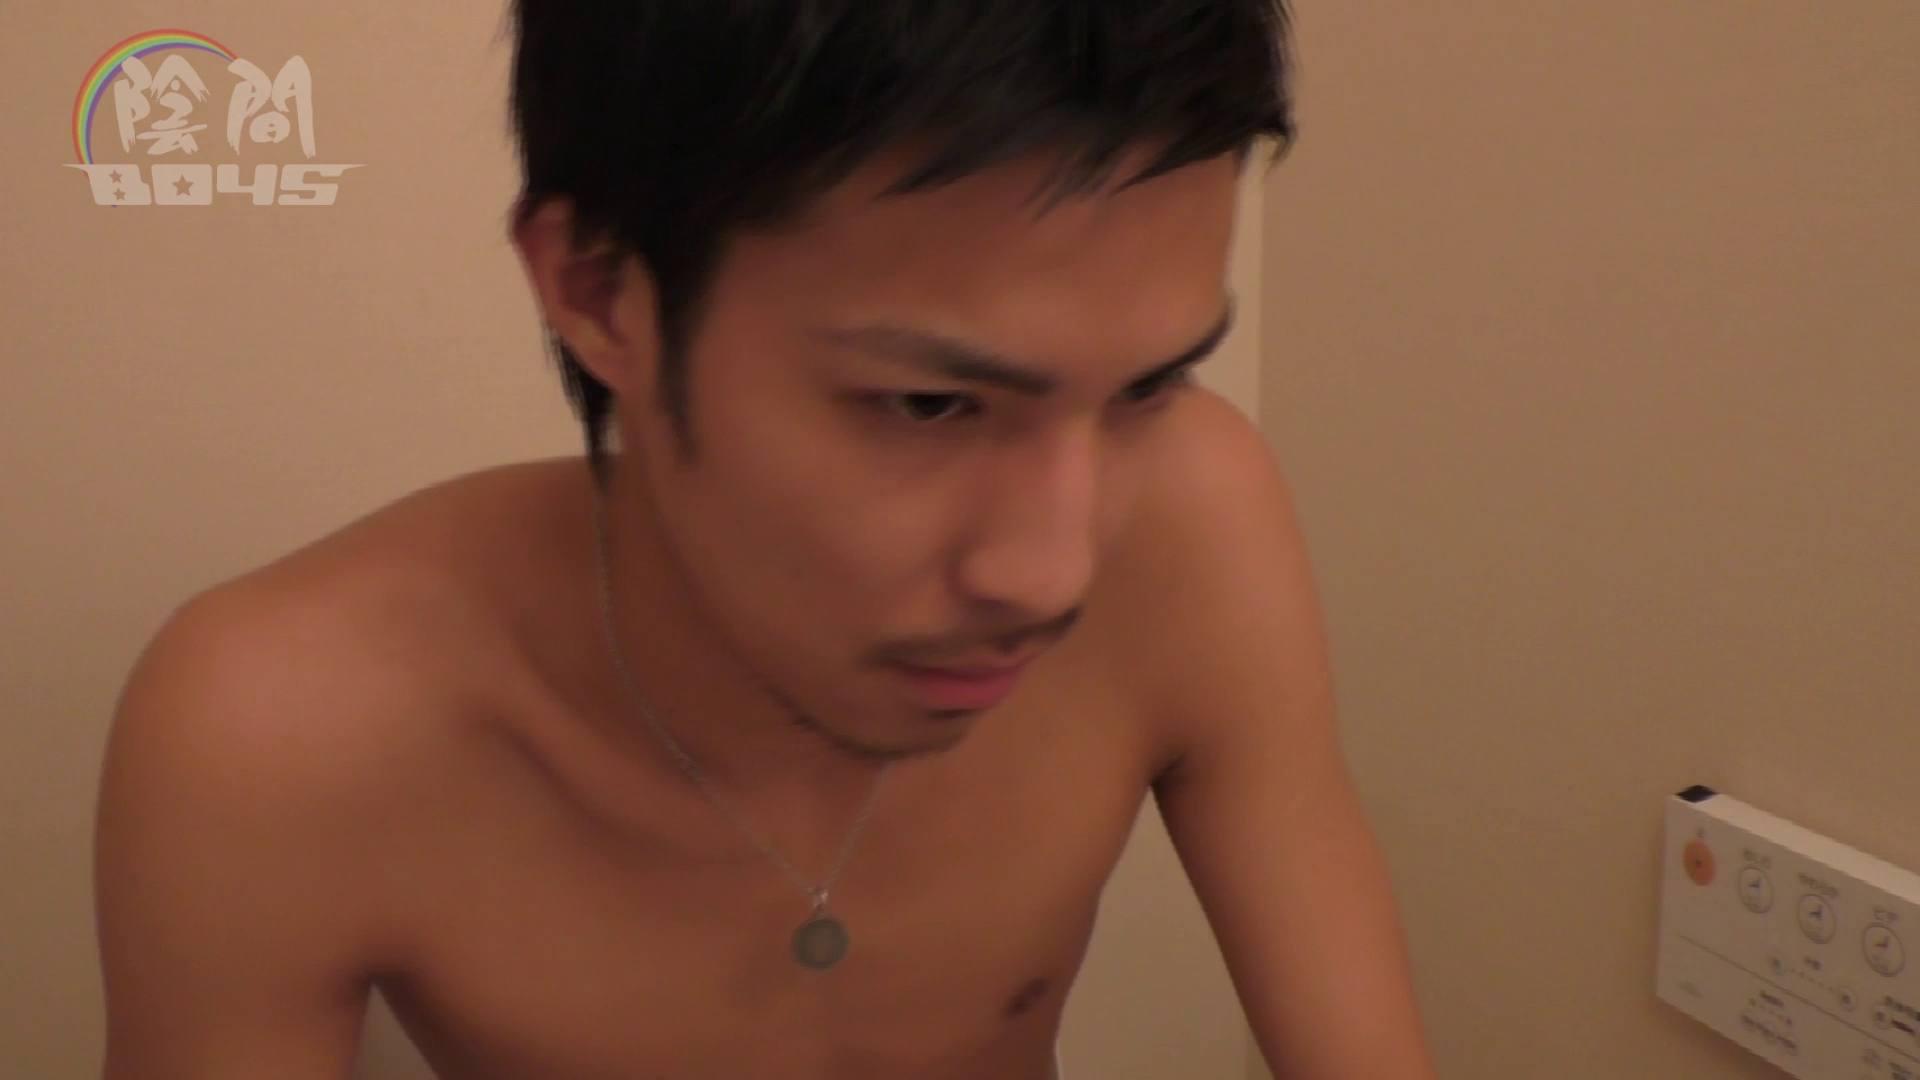 陰間BOYS~「アナルだけは許して…2」~03 男の世界 ちんぽ画像 85画像 2